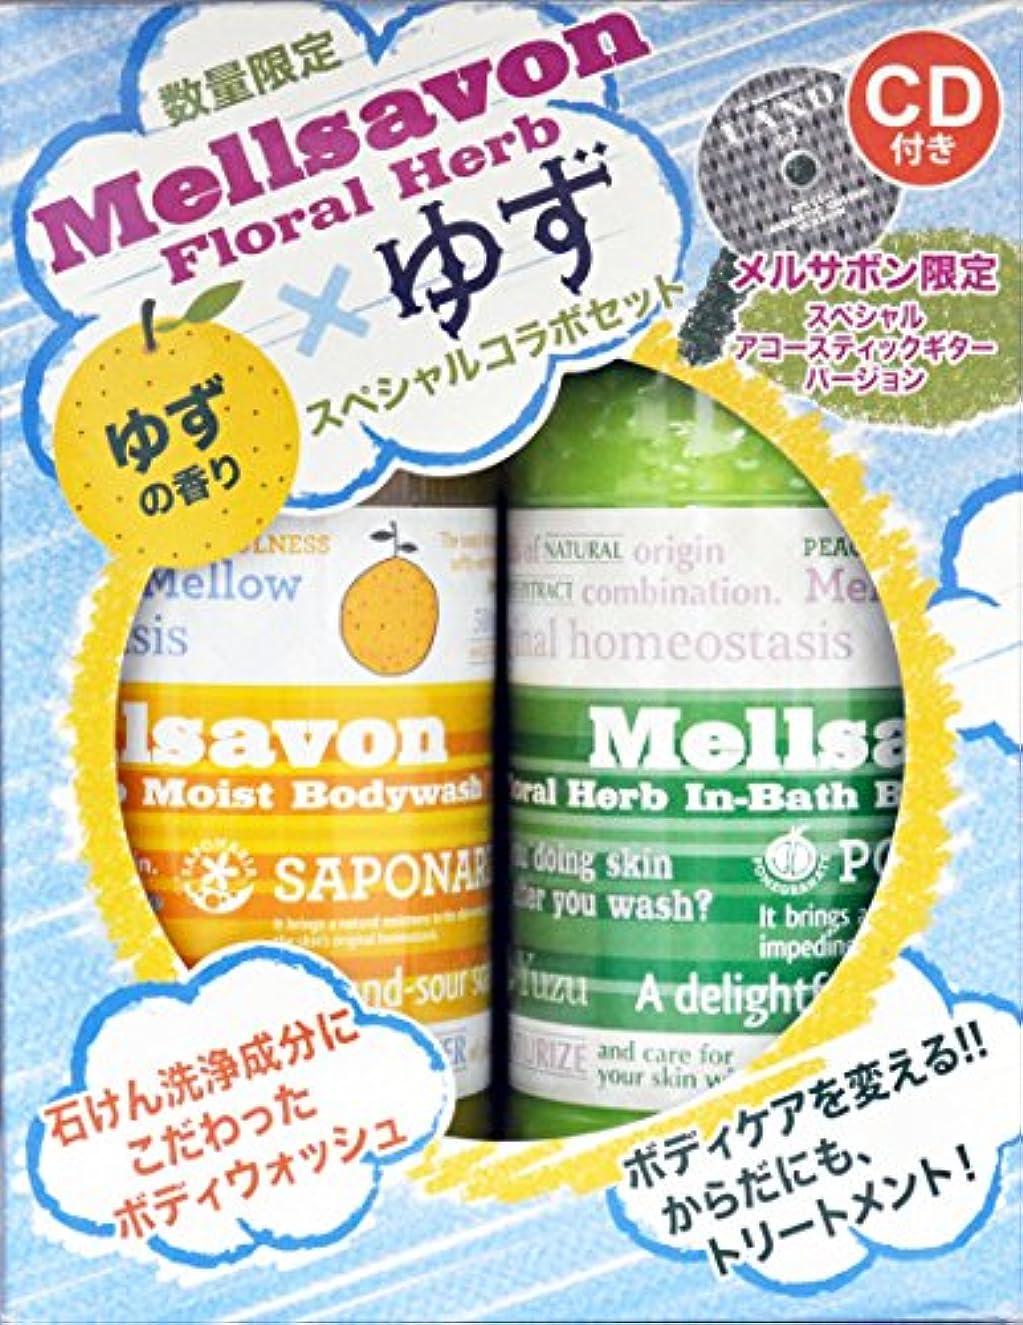 野菜定説提供するMellsavon Floral Herb×ゆず スペシャルコラボセット CD付き